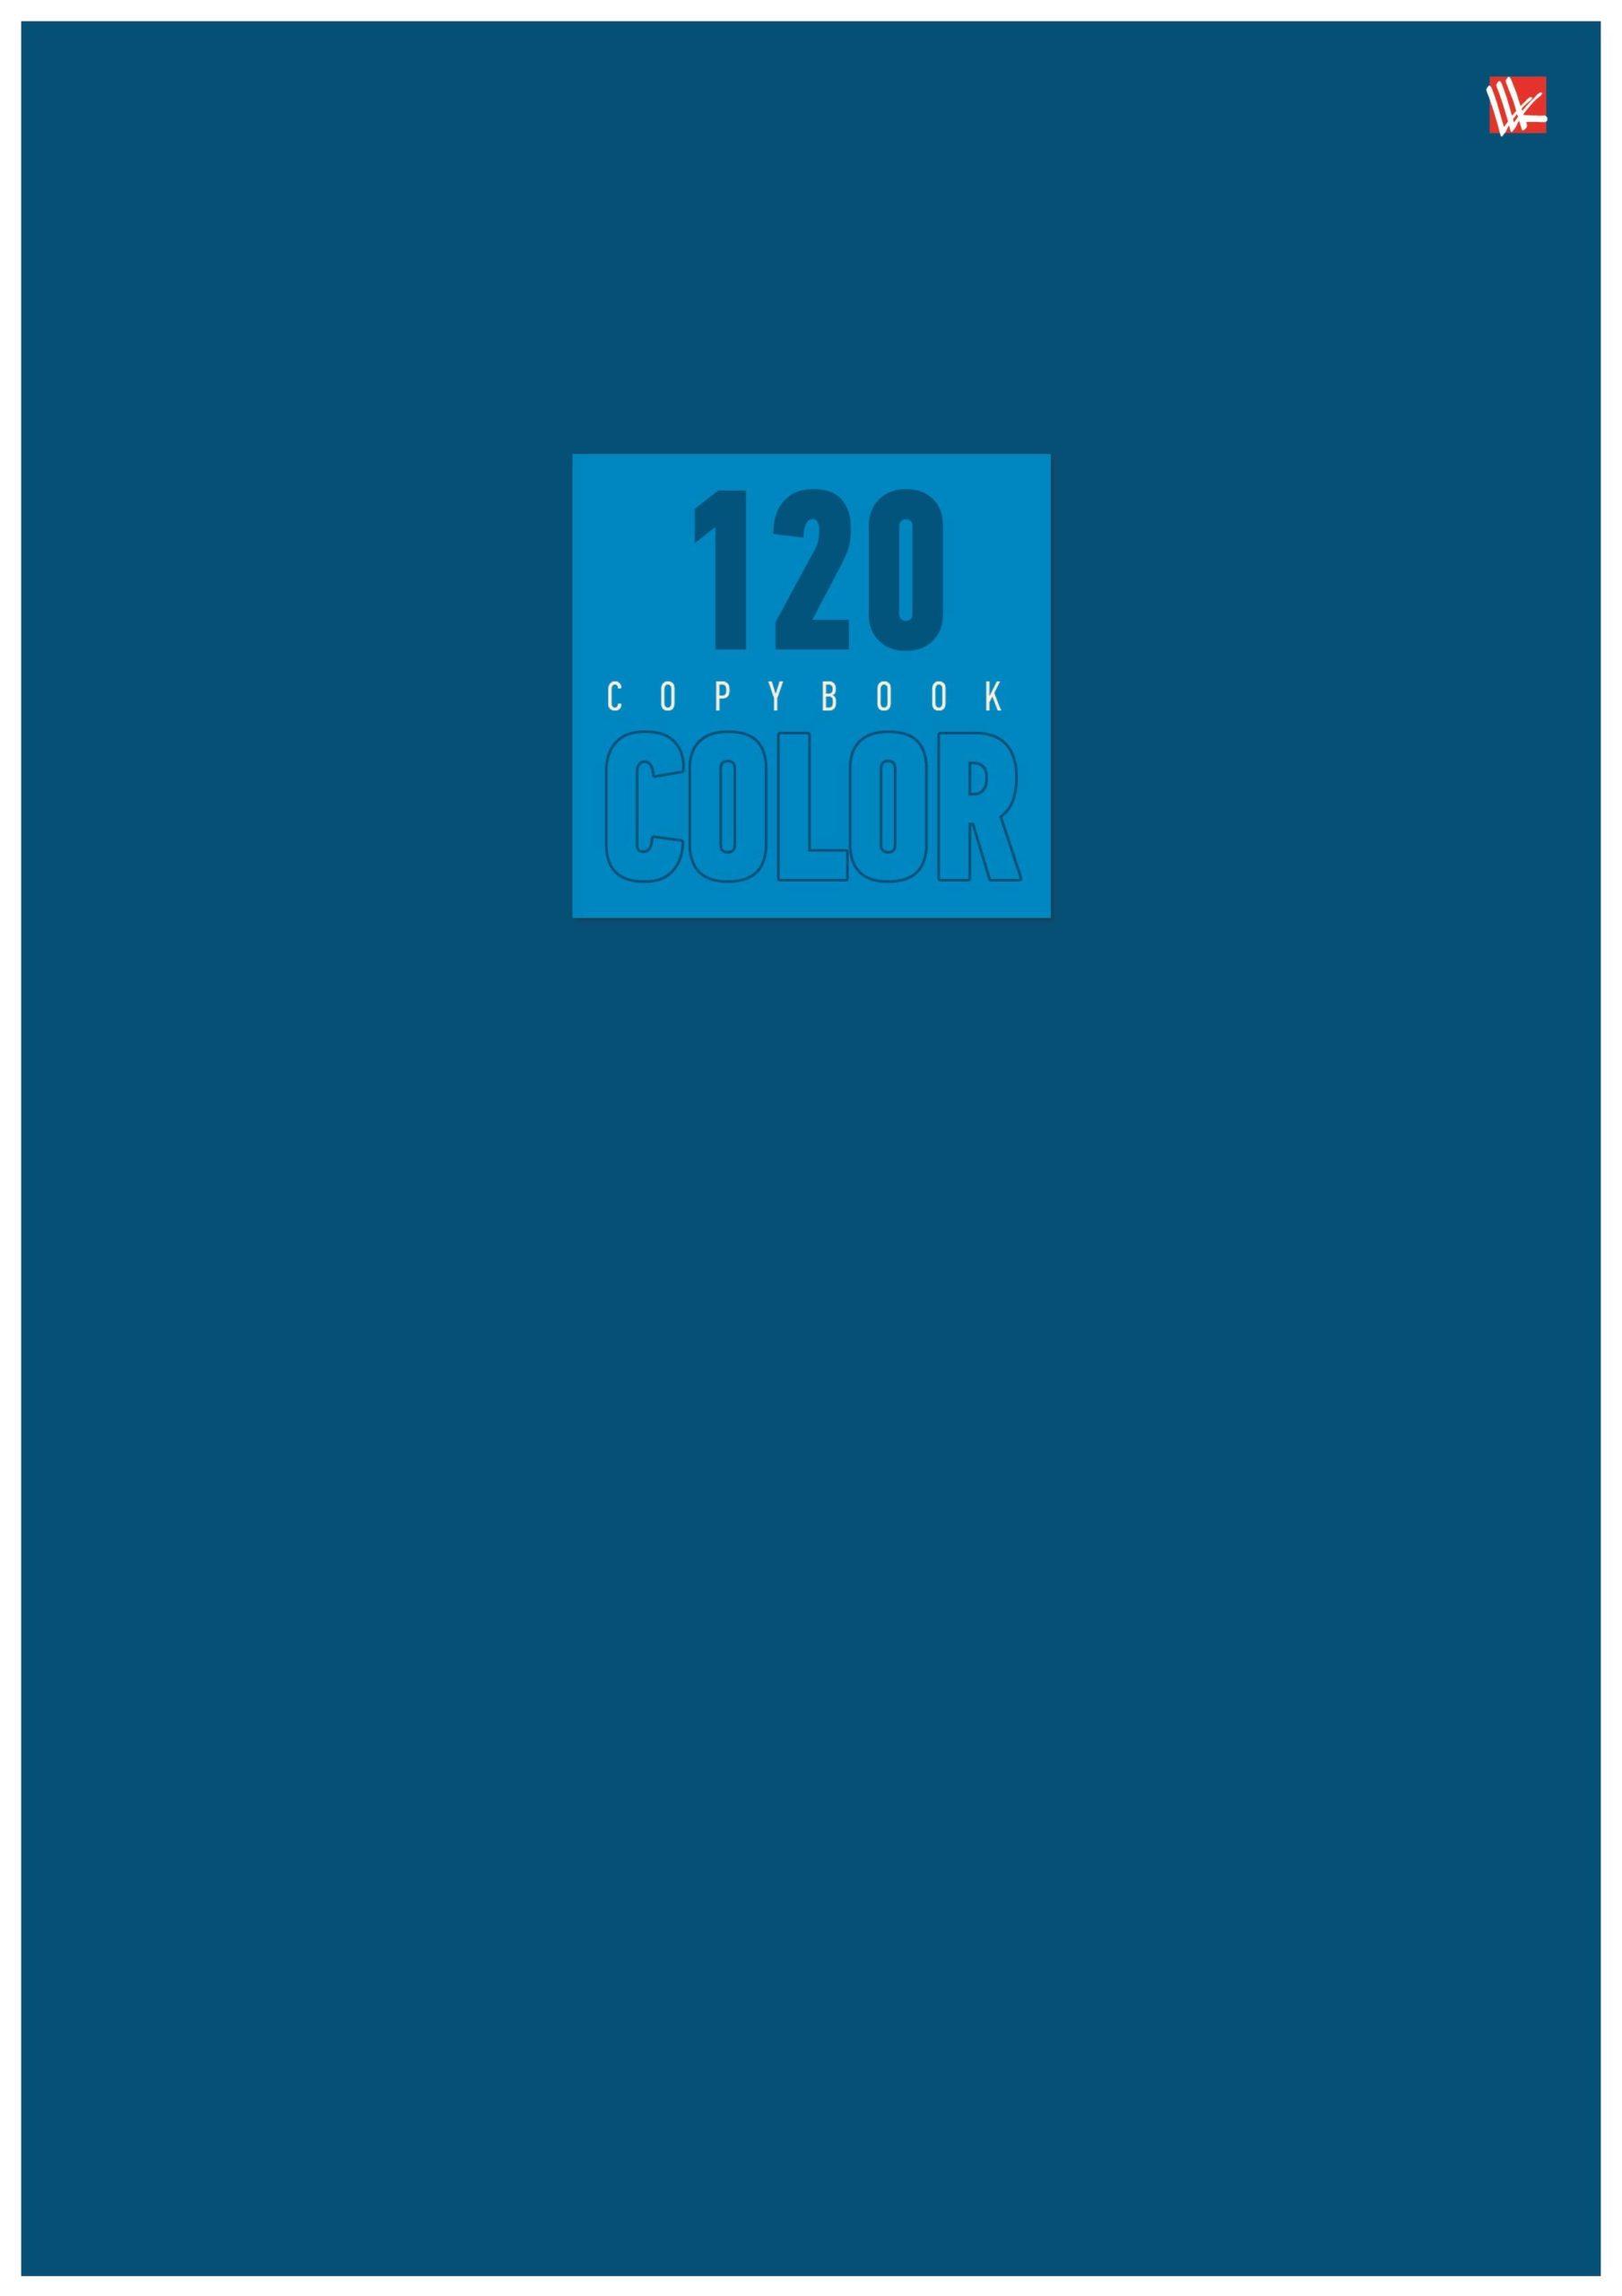 Тетрадь 120 листов СИНЯЯ А4 в клетку, матовая ламинация, швейно-клеевое скрепление